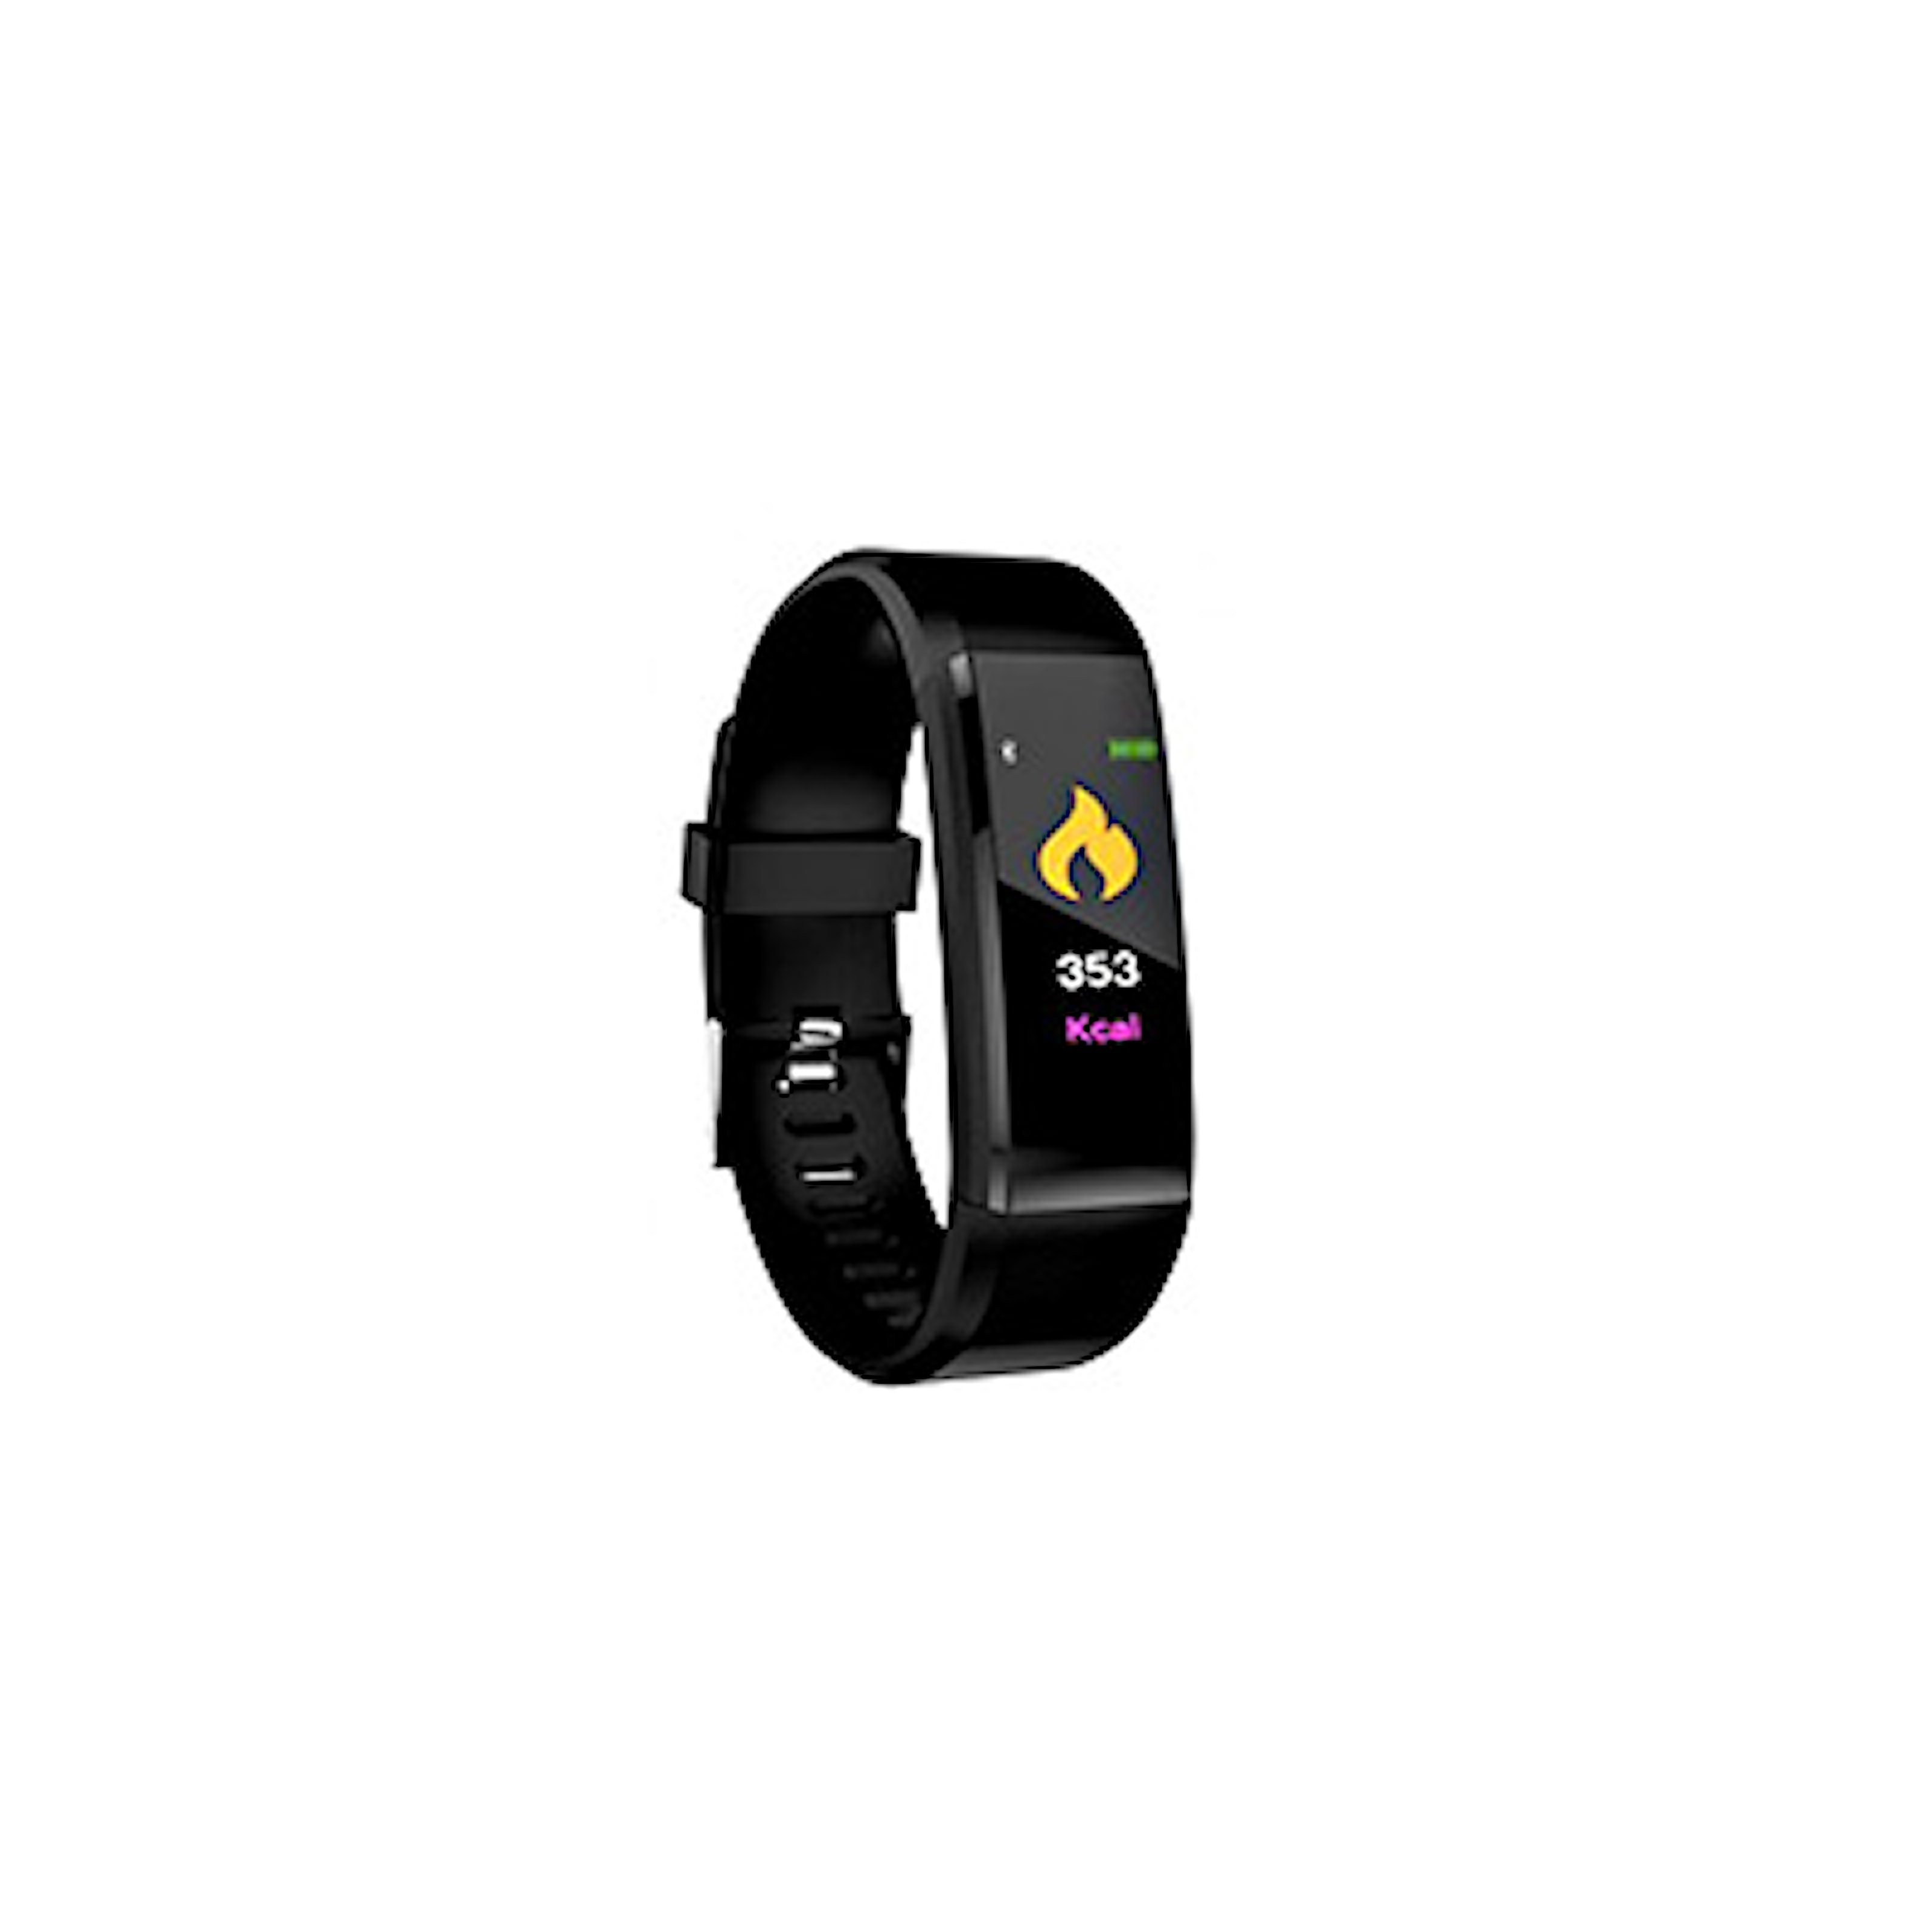 Svart, Smart Watch 115, Aktivitetsarmband, ,